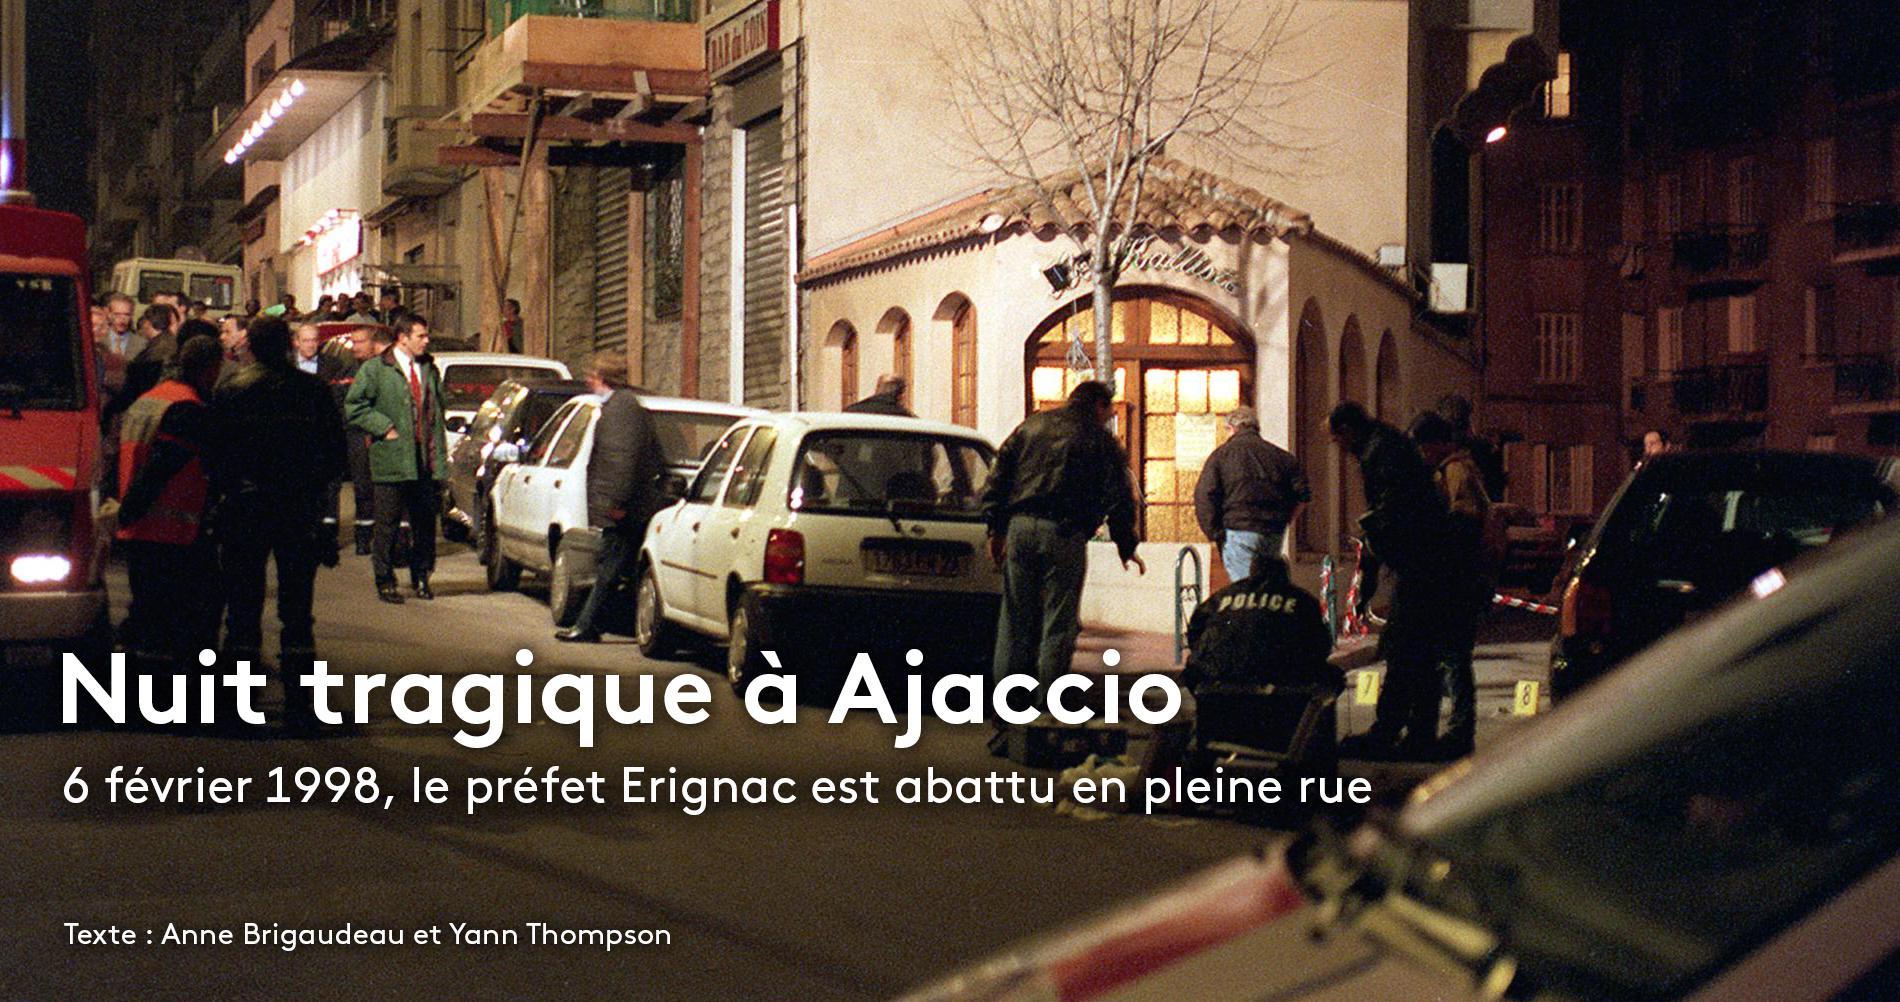 Le préfet des Vosges rend hommage à Claude Erignac